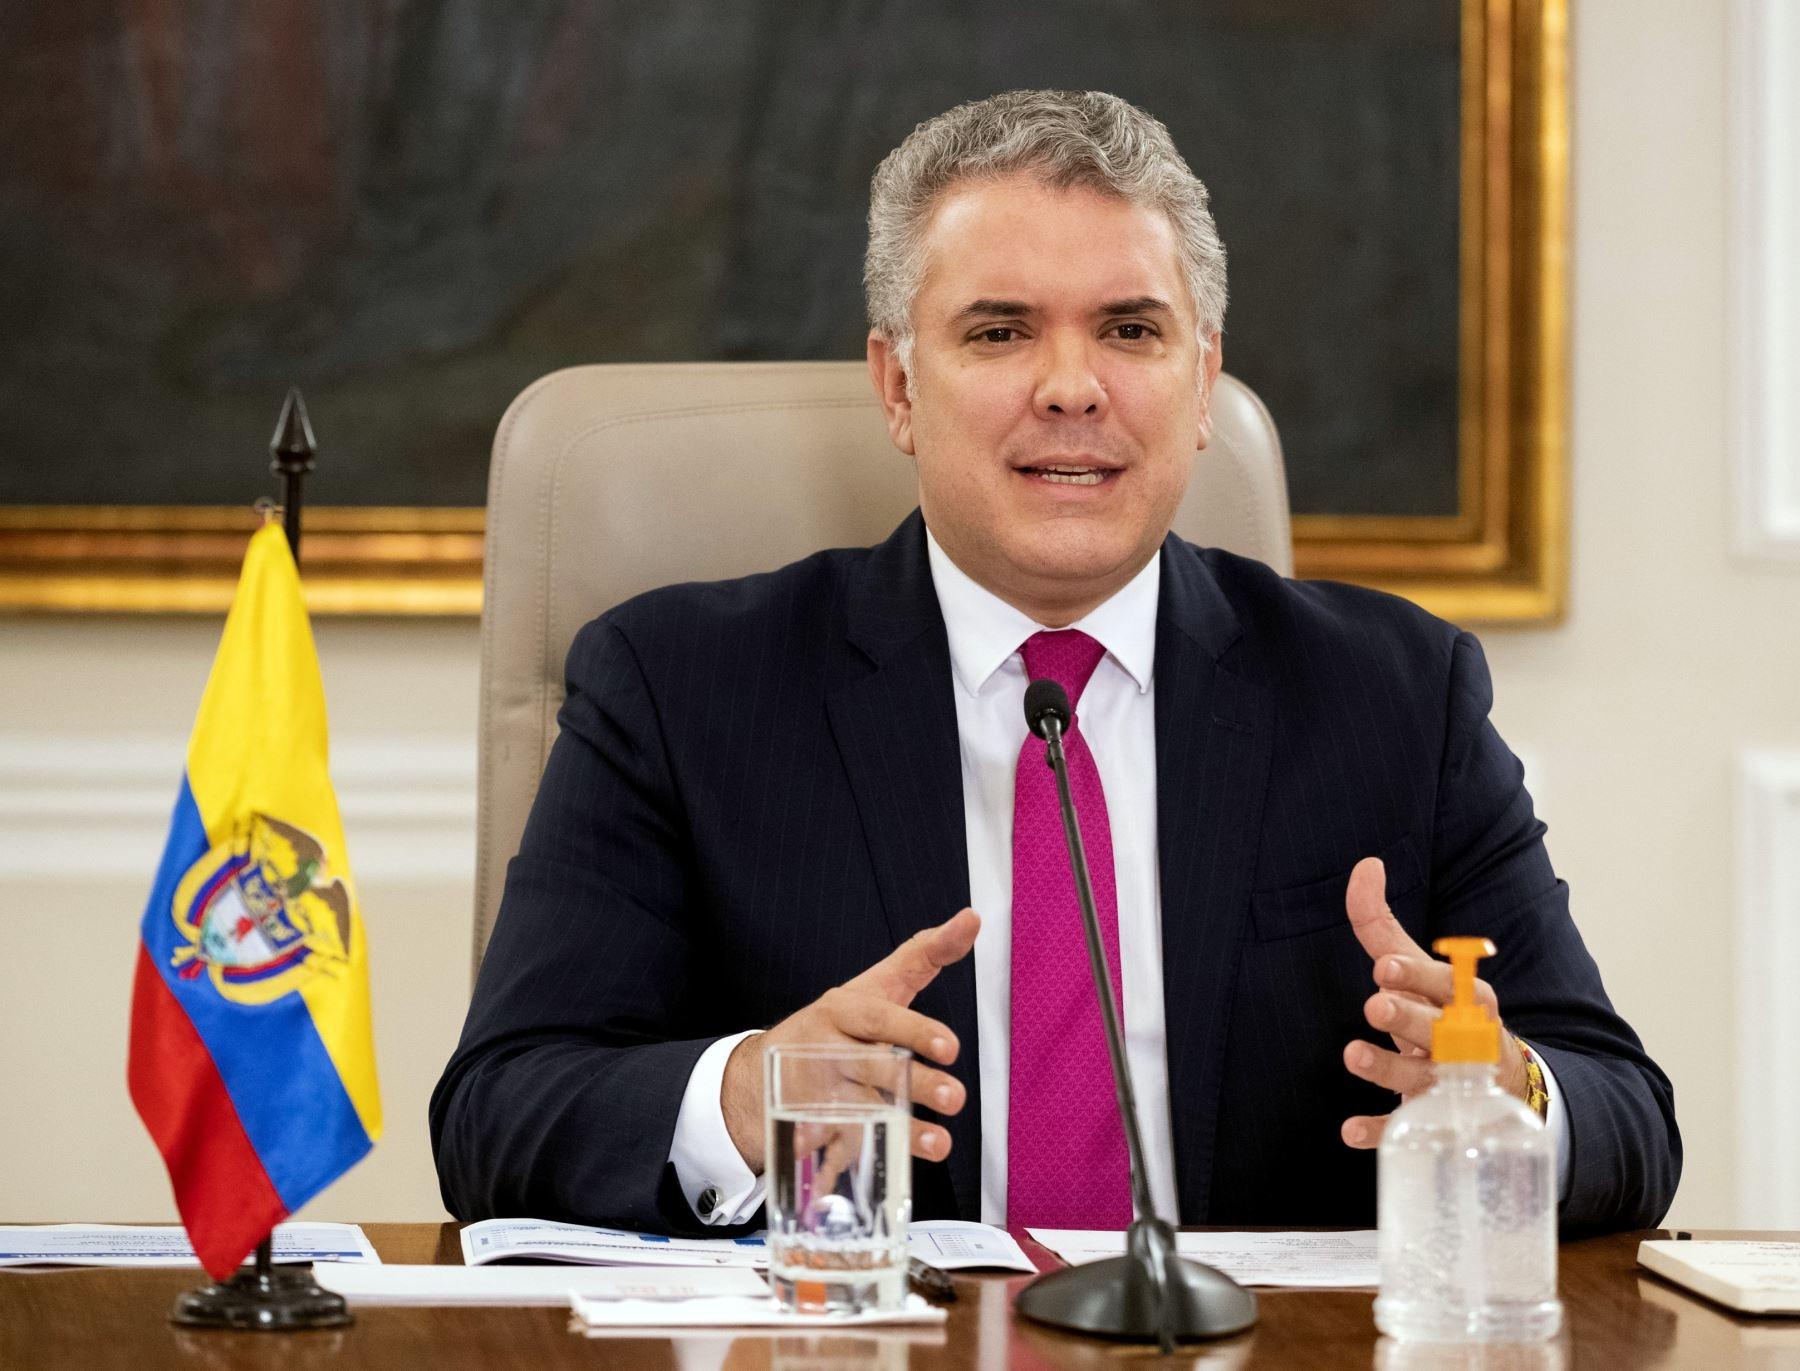 Fotografía del mandatario Iván Duque, cedida por la presidencia de Colombia (imagen de archivo). Foto: EFE